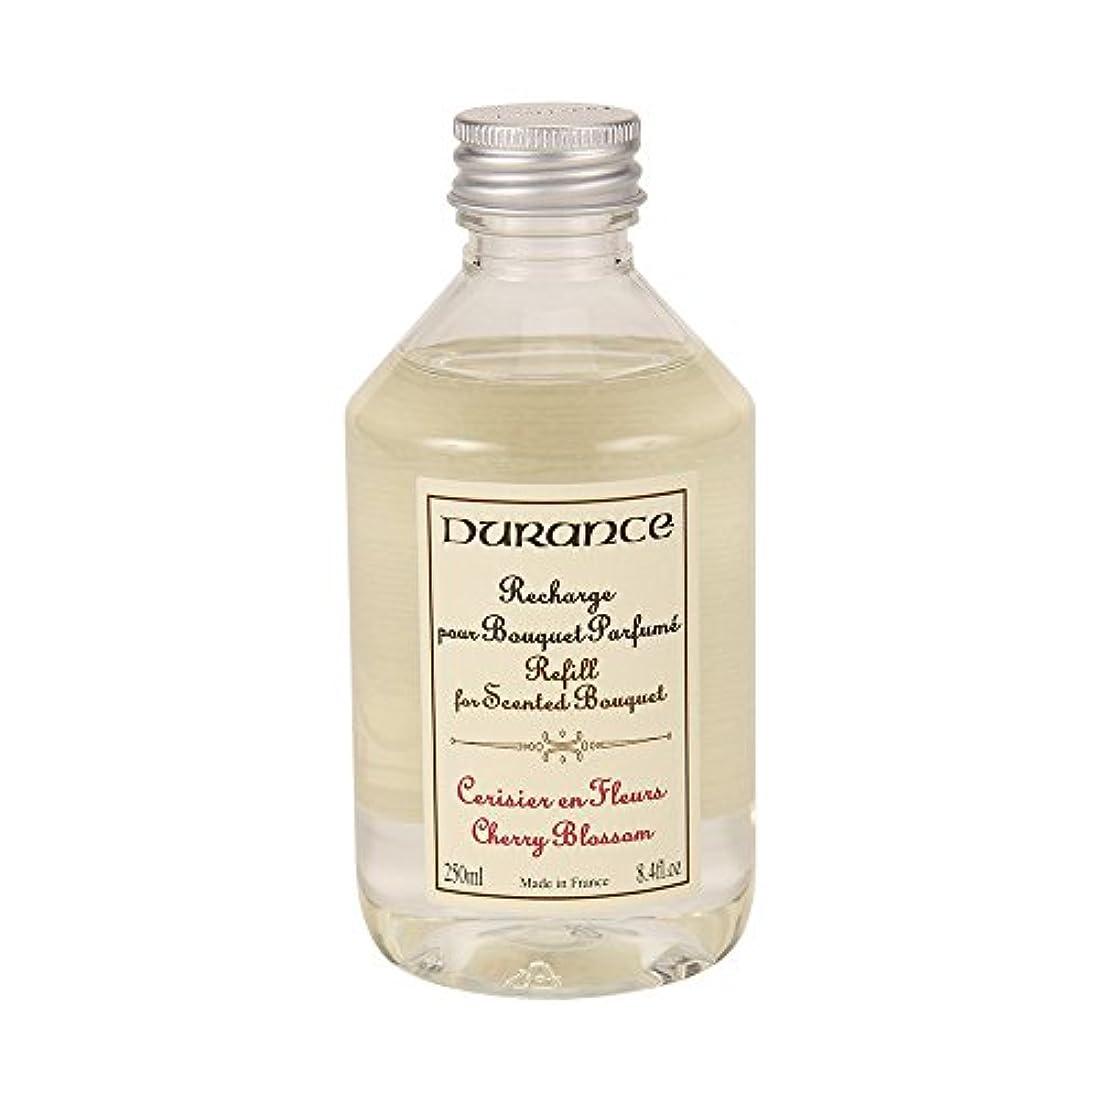 強調不変指Durance [ デュランス ] Refill for scented bouquet リフィルオイル チェリーブロッサム 45503 アロマオイル 防ダニ フレグランス ブーケ [並行輸入品]